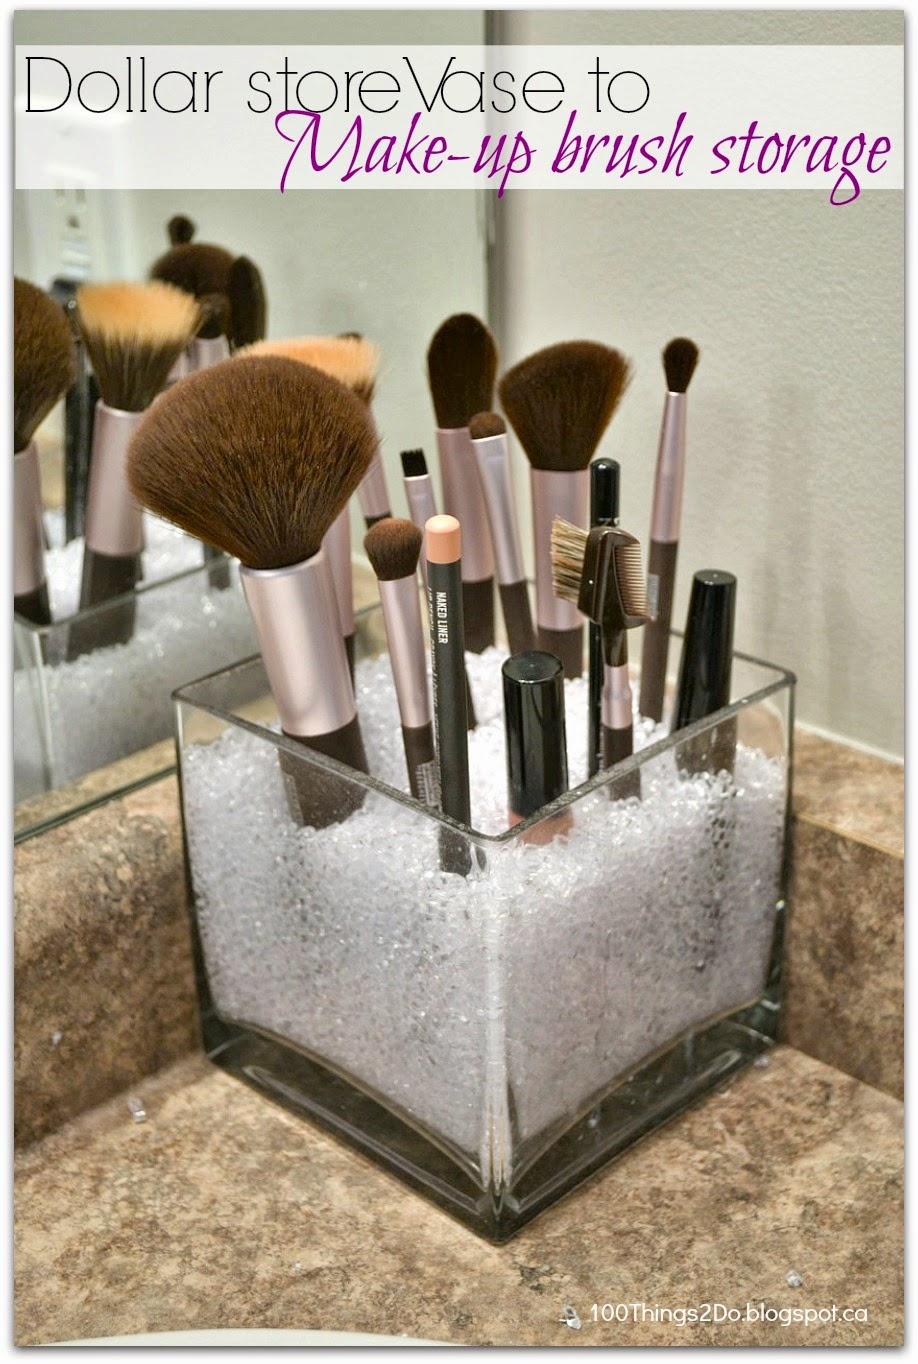 Make+up+brushes1.jpg